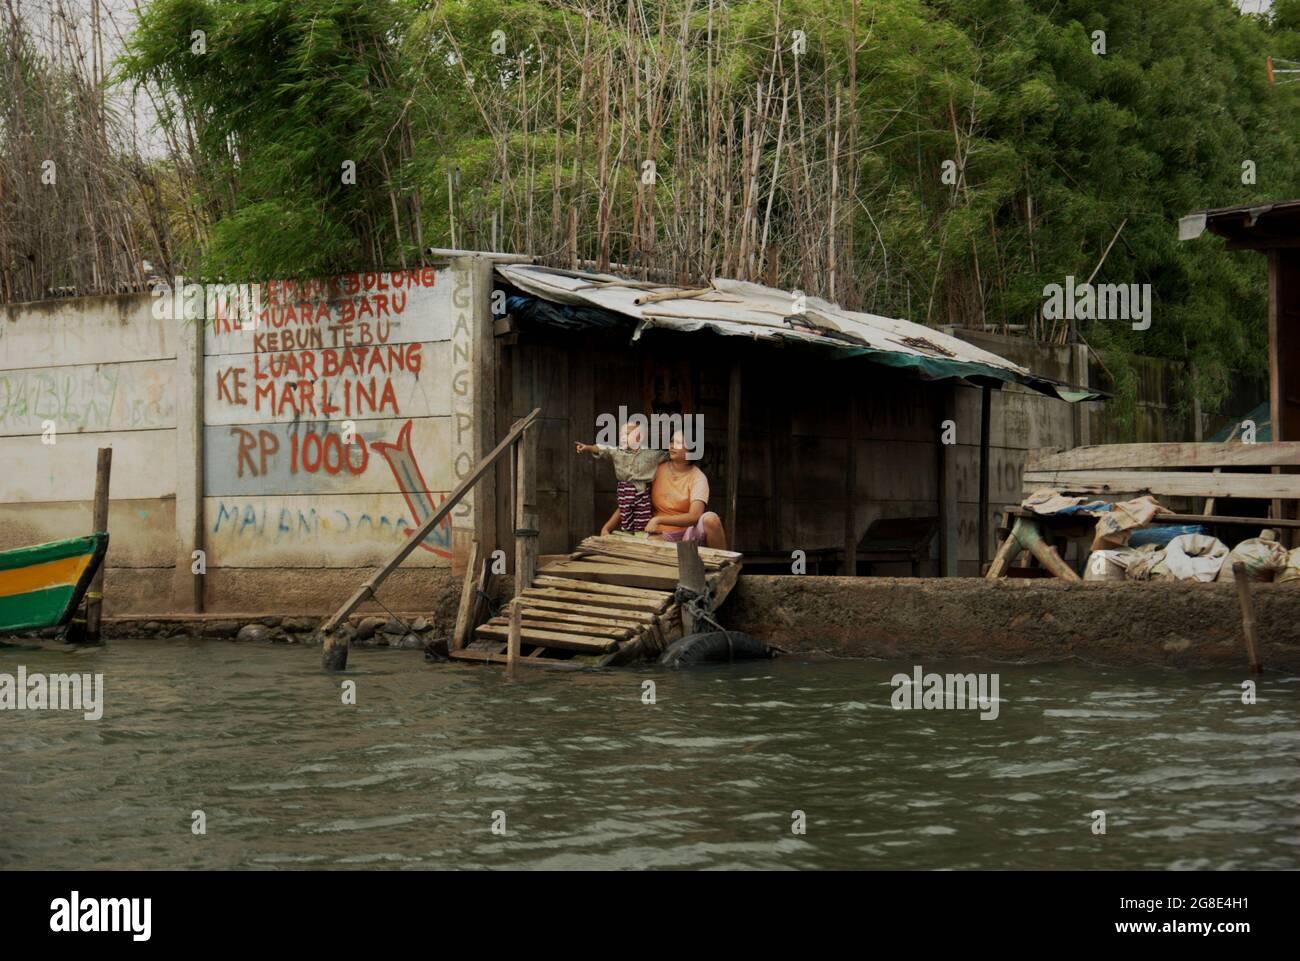 Una donna e un bambino in un terminal di trasporto in barca che collega gli insediamenti costieri con il porto di Sunda Kelapa nella zona costiera di Giacarta, Indonesia. Foto Stock